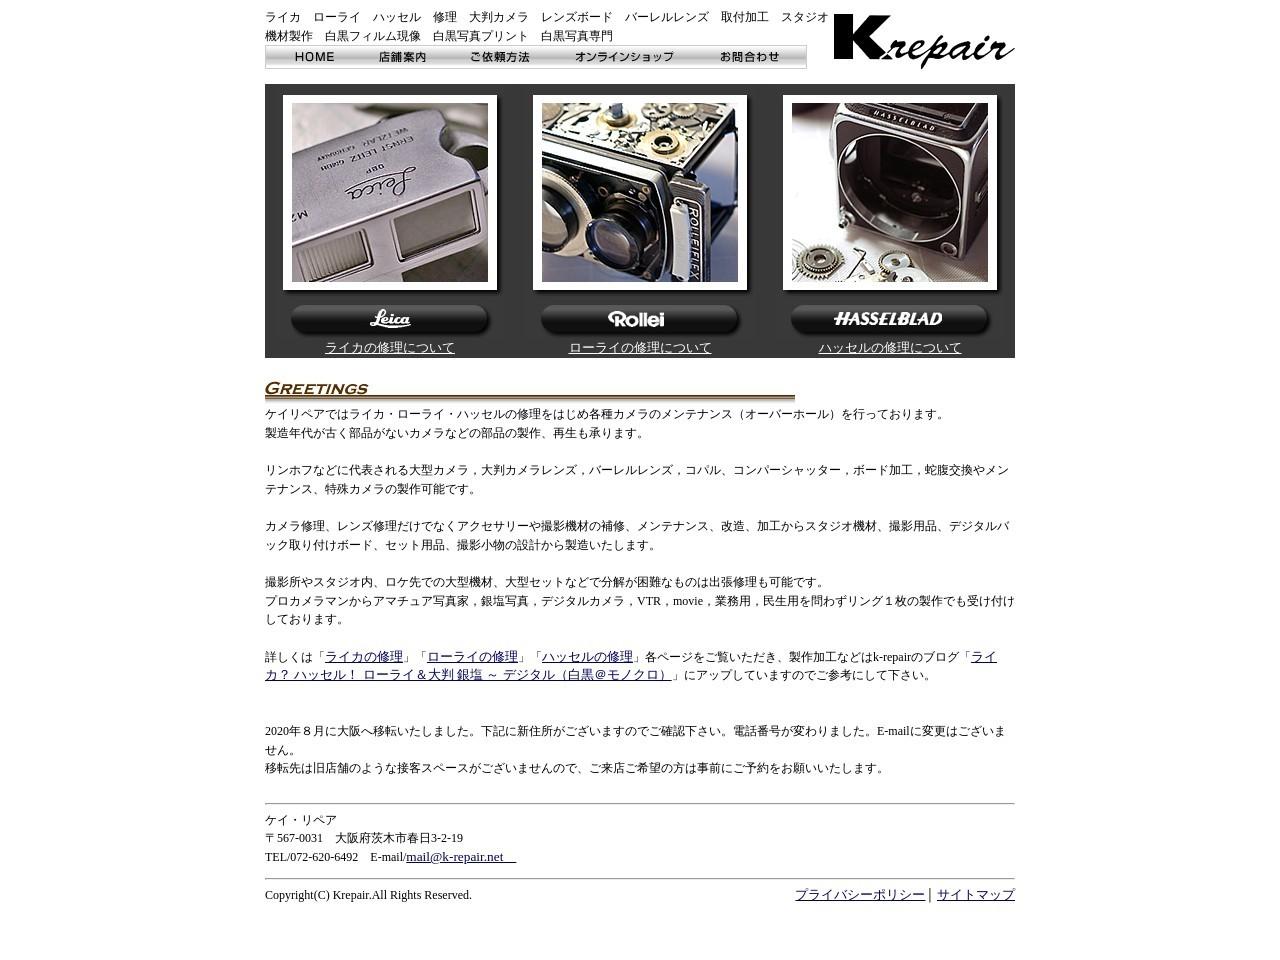 白黒写真ケイプリント神戸現像所